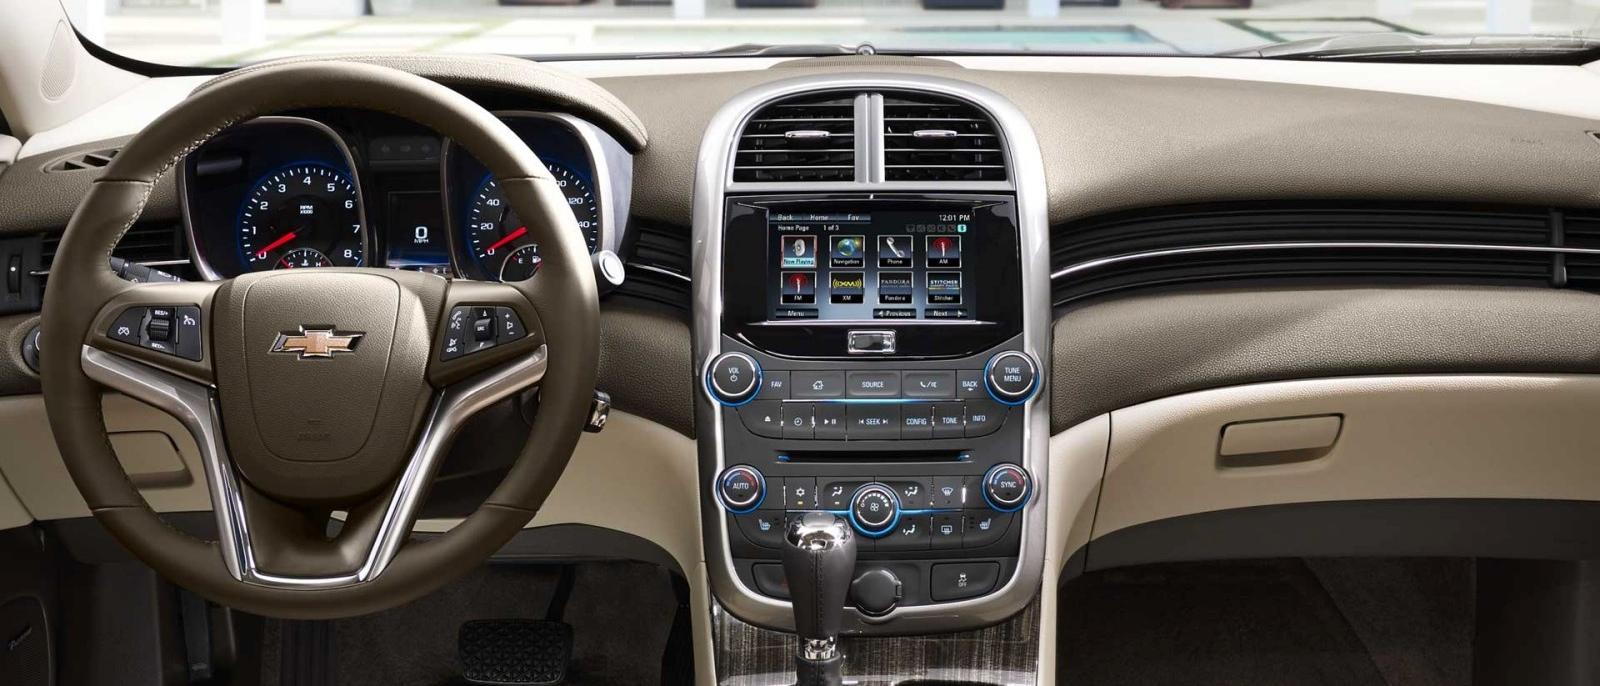 Chevy Models 2015 >> 2015 Chevy Malibu Bradenton Tampa Cox Chevrolet